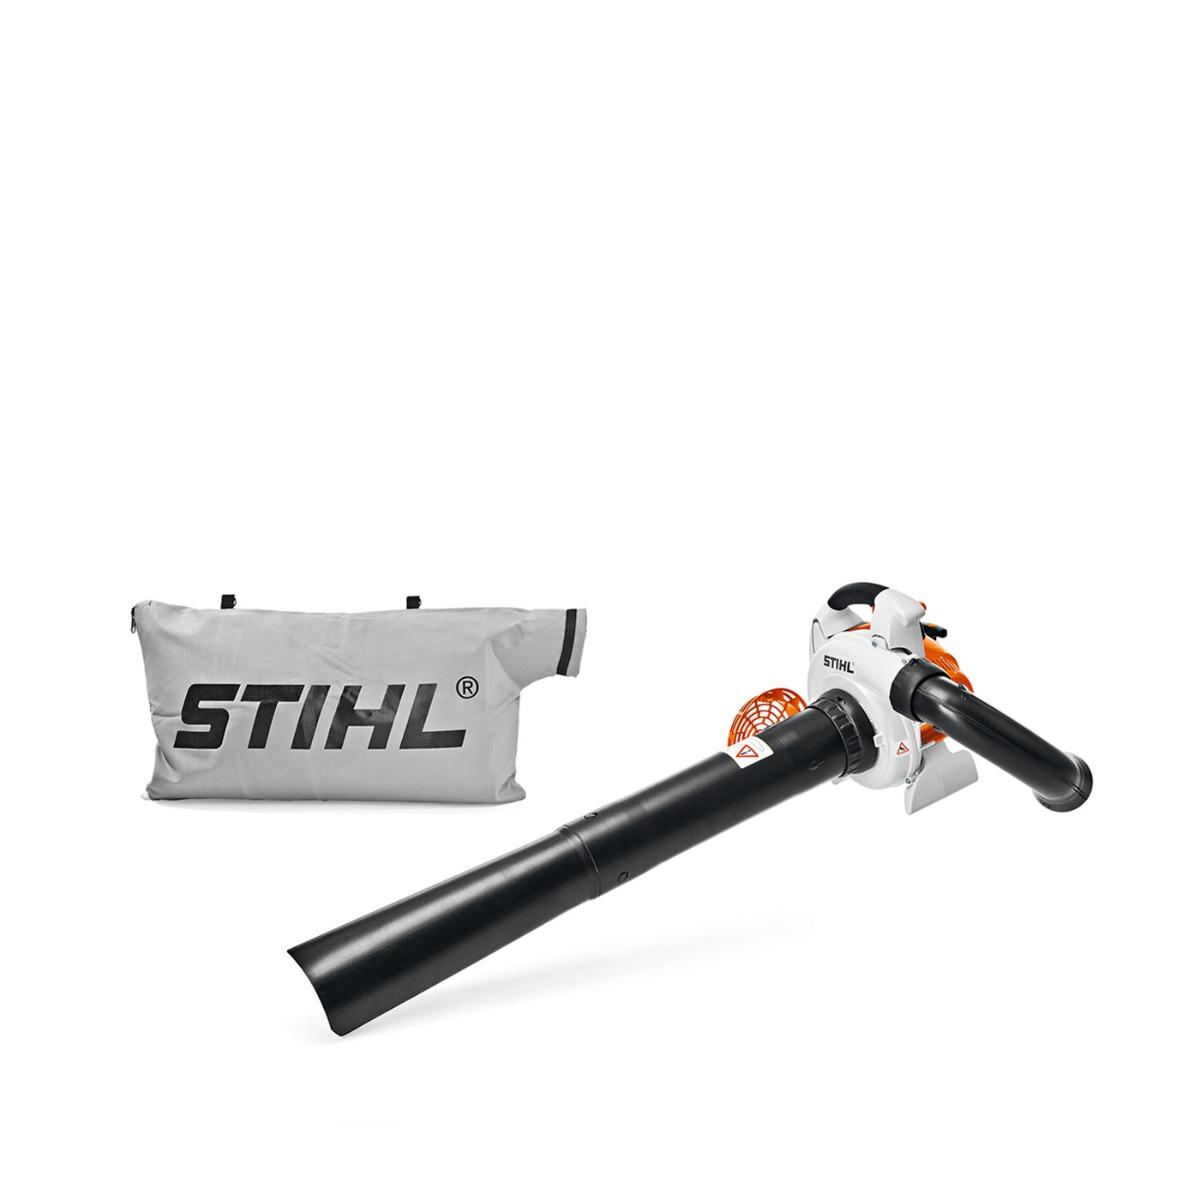 STIHL SH 86 C-E PETROL VACUUM BLOWER